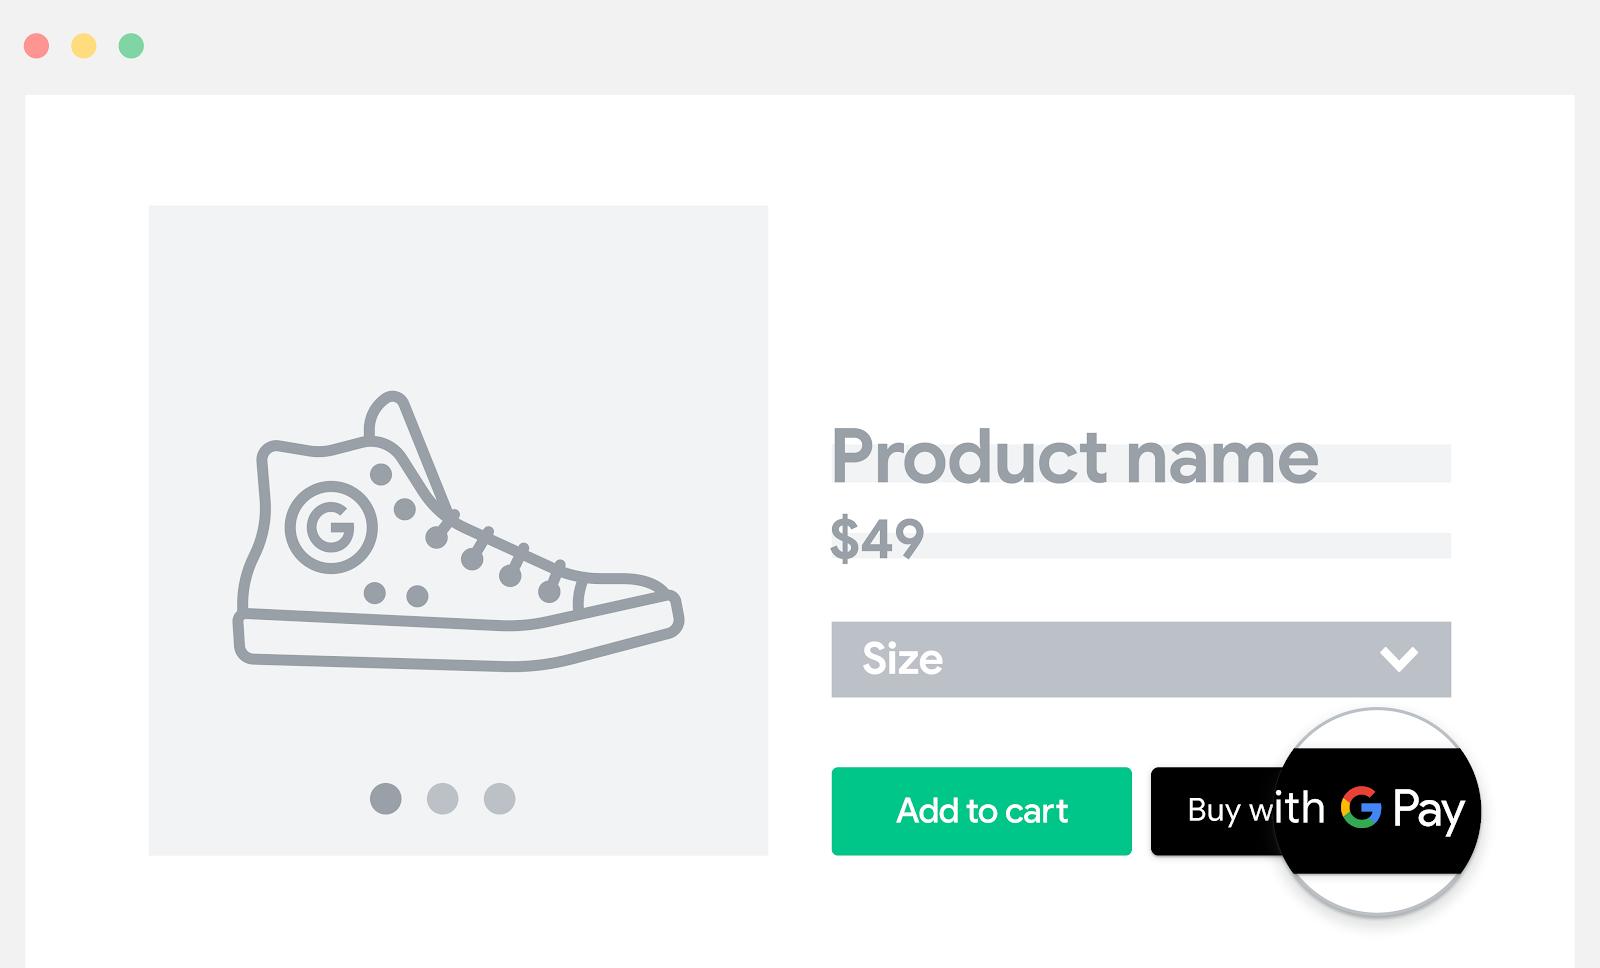 將 Google Pay 新增至產品頁面。